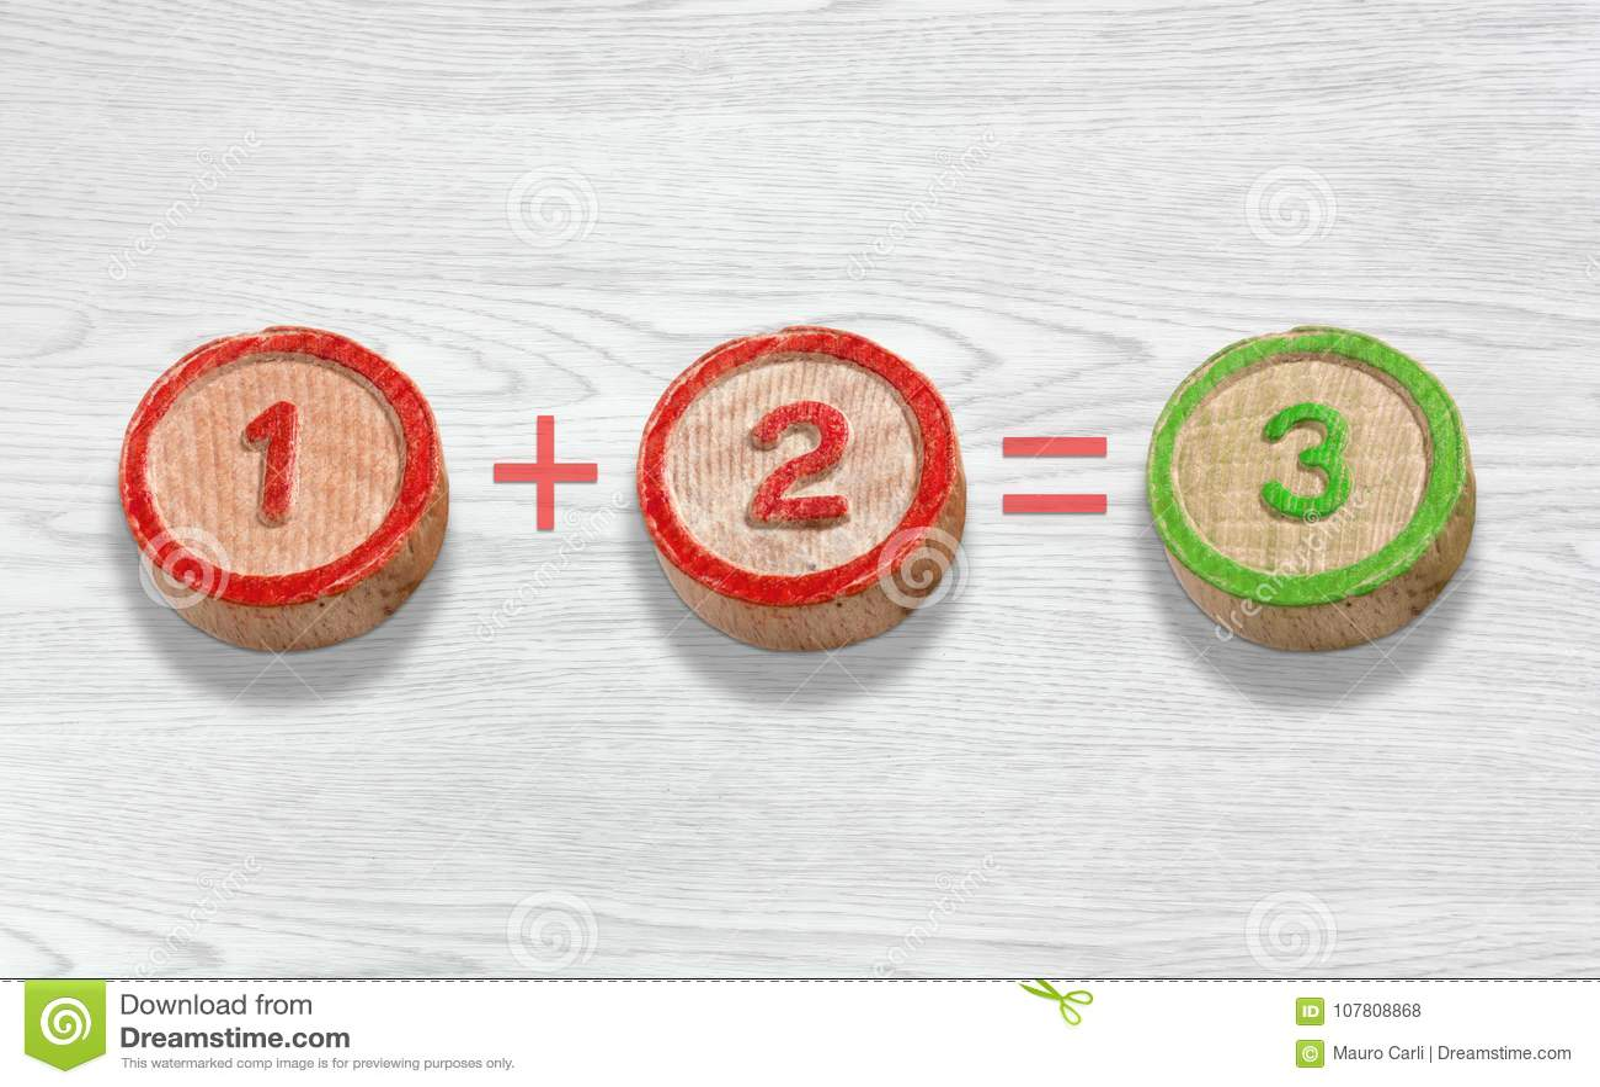 Τρία ξύλινα κομμάτια που απεικονίζουν την προσθήκη του αριθμού ένα και δύο